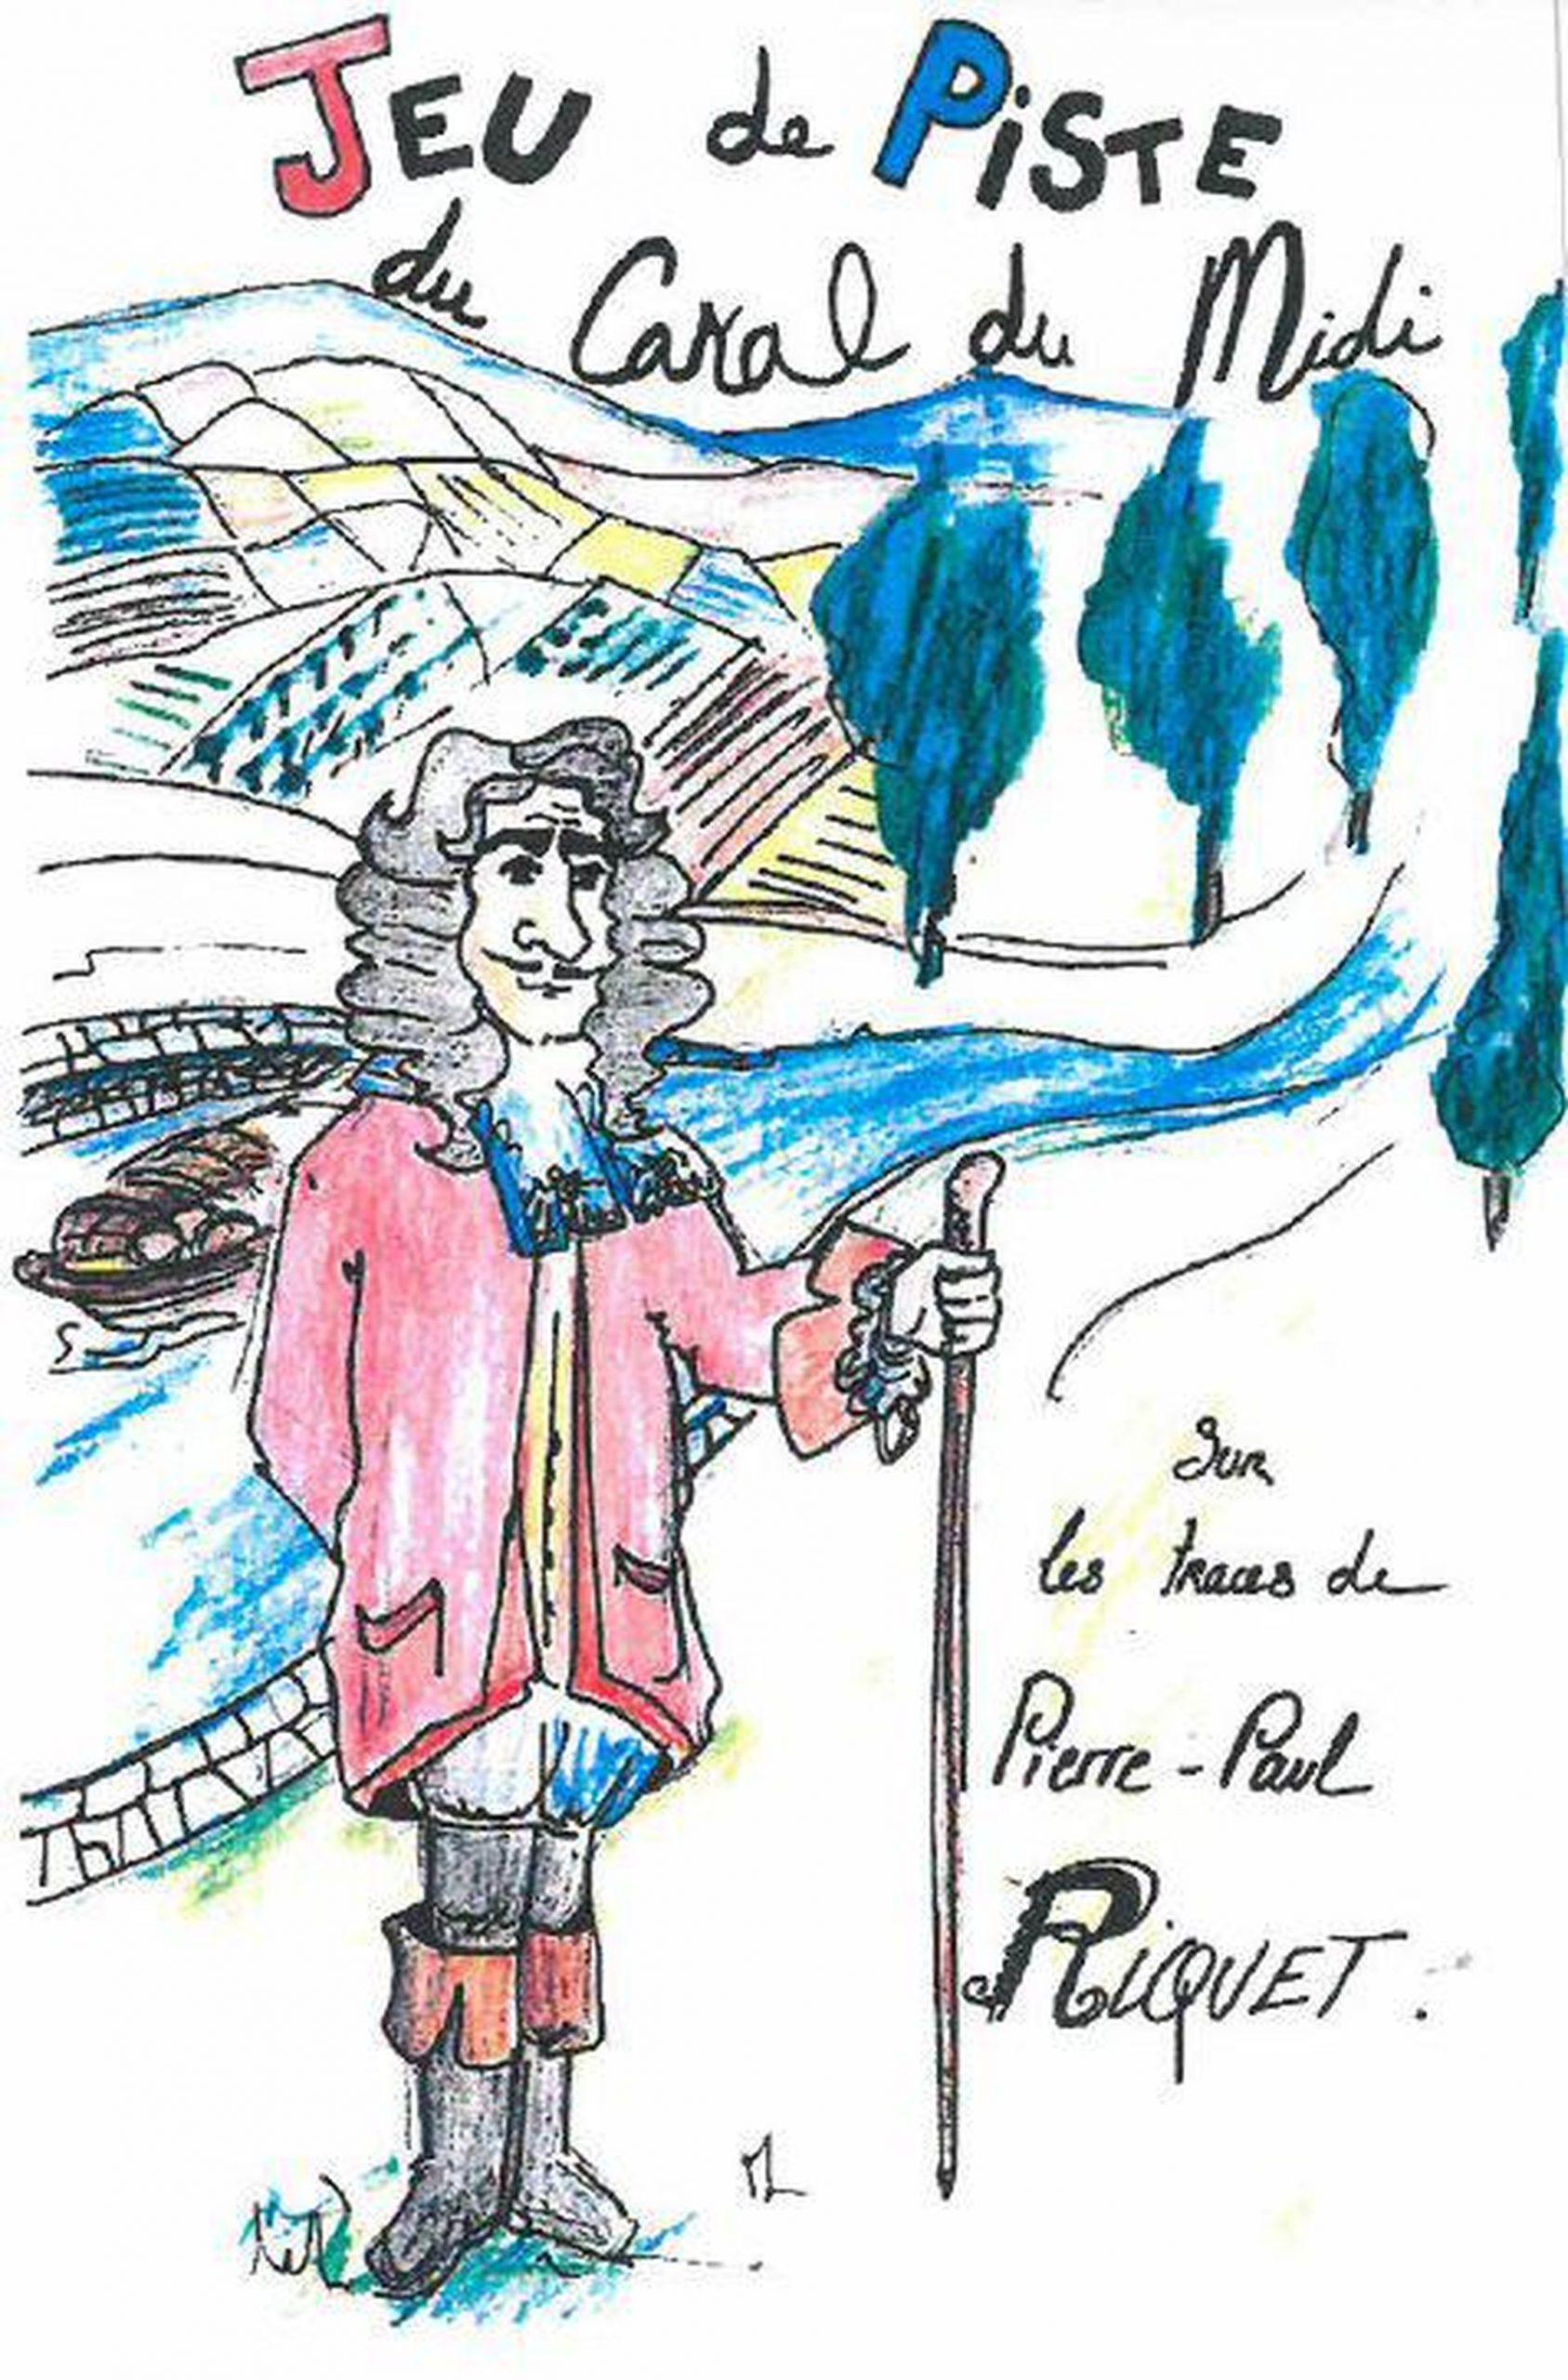 Livret du jeu de piste en famille sur les traces de Pierre-Paul Riquet à Capestang au bord du Canal du Midi